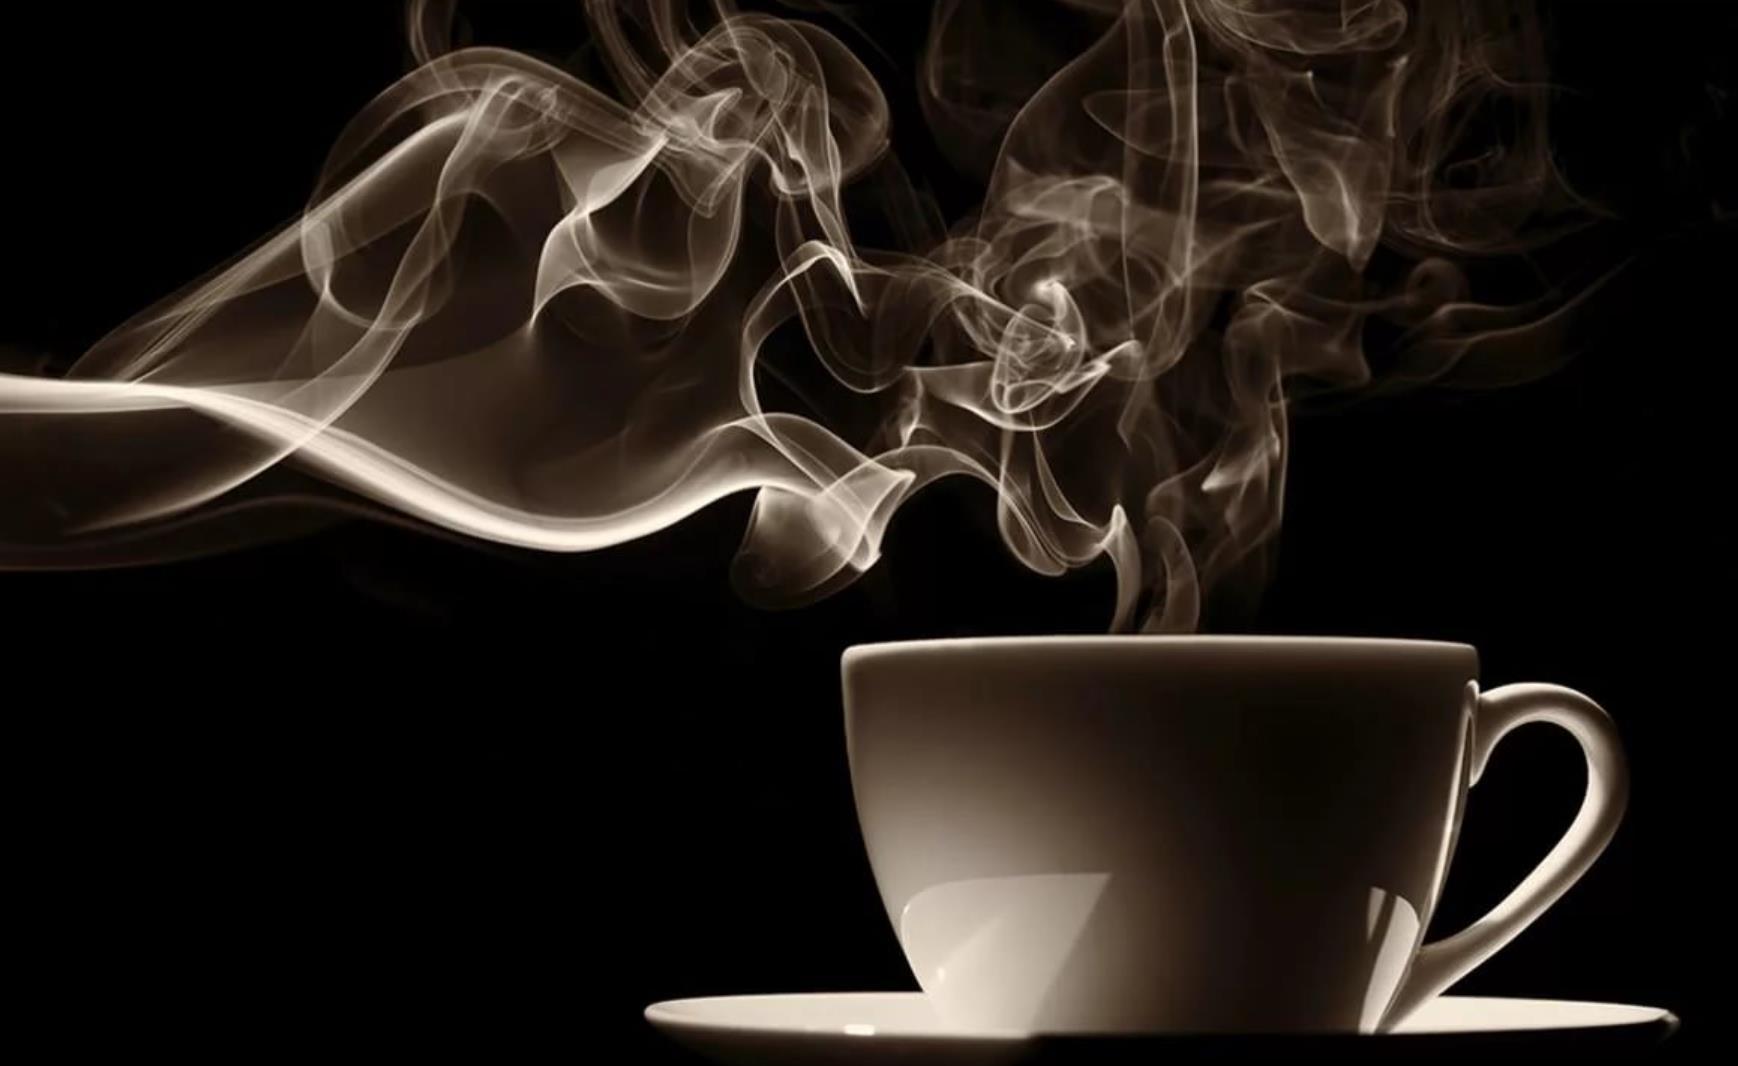 Как обыкновенный кофе смертникам жизнь спас